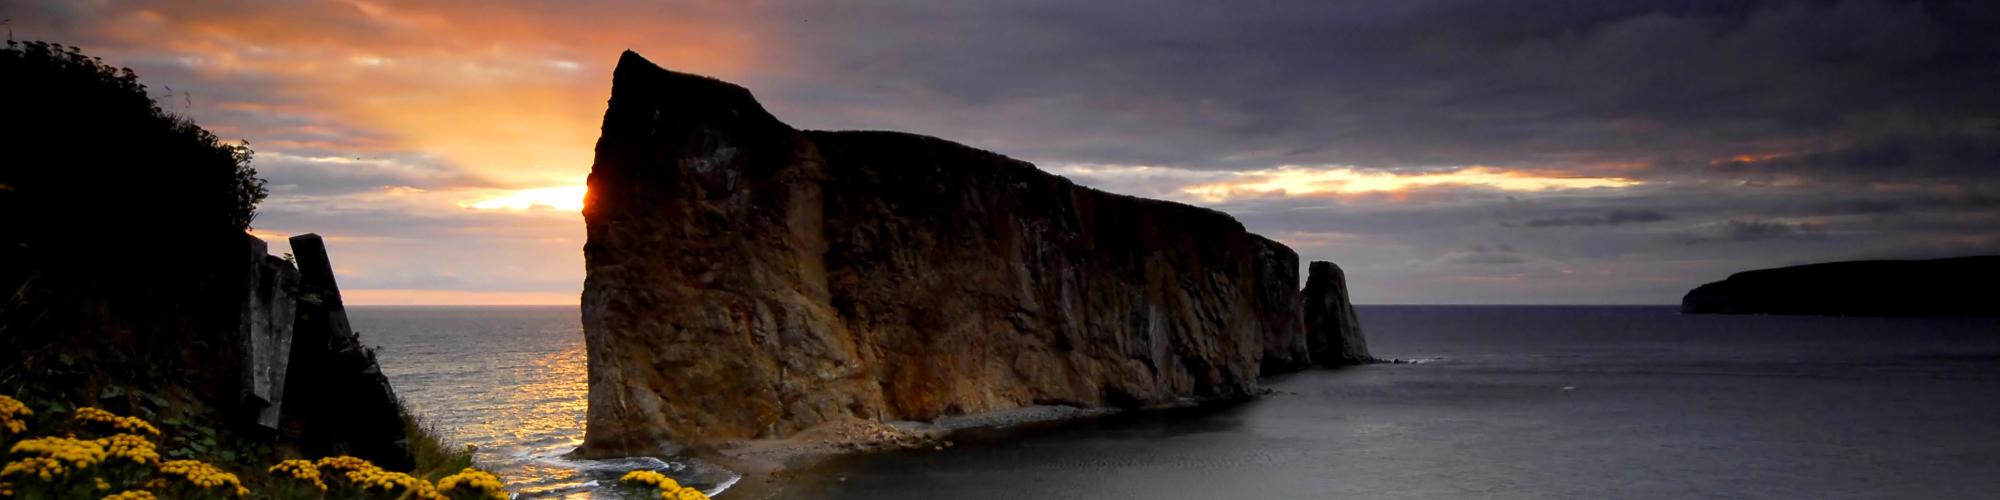 Landscape, Percé Rock